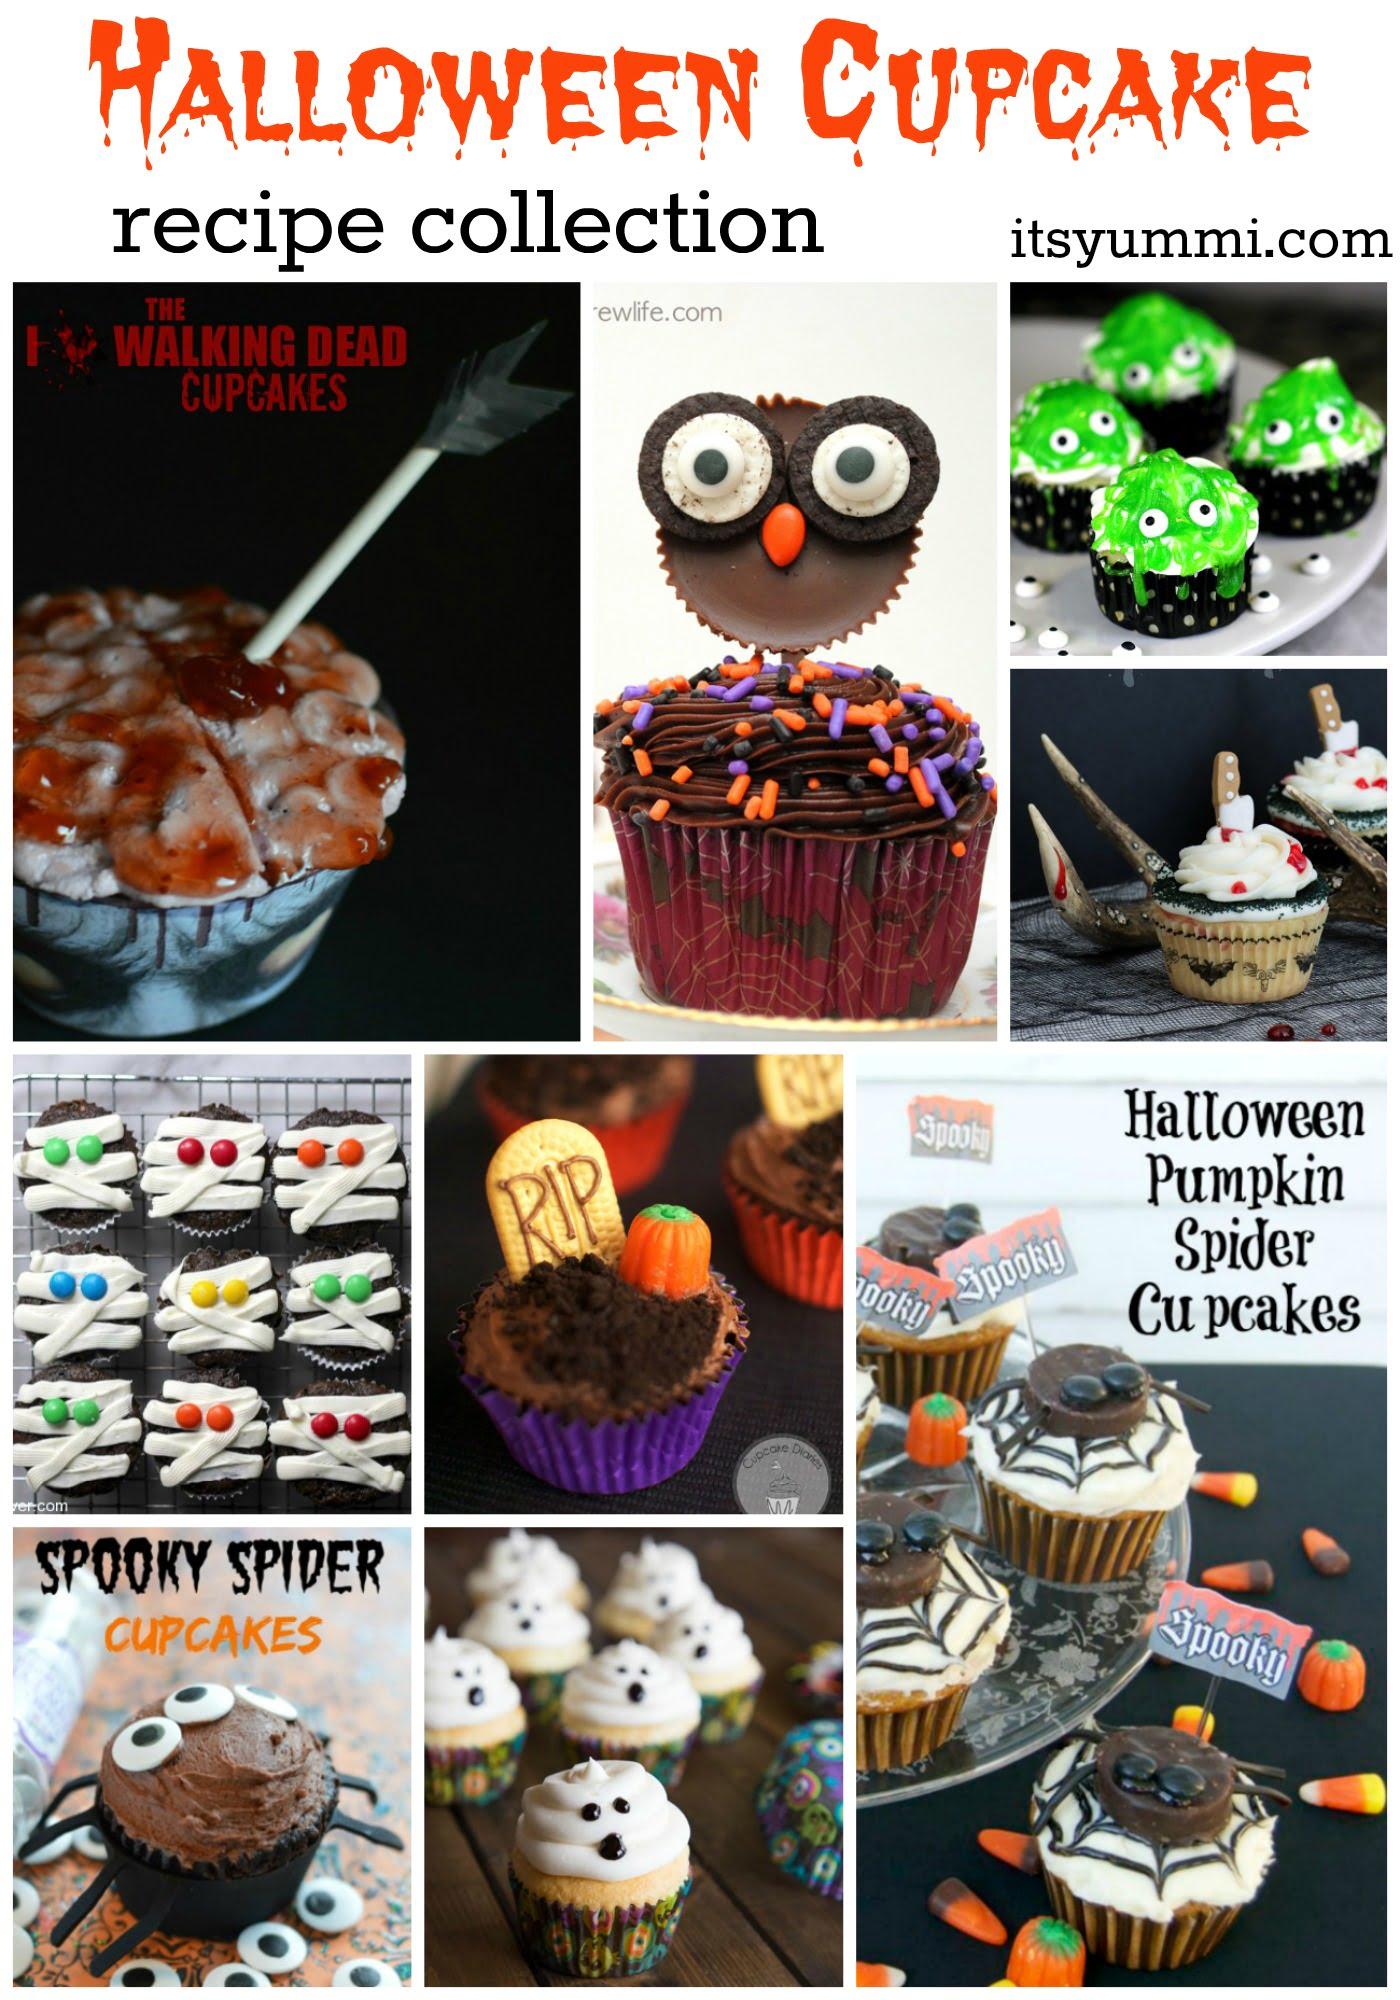 Fun Halloween Cupcake Recipe Ideas